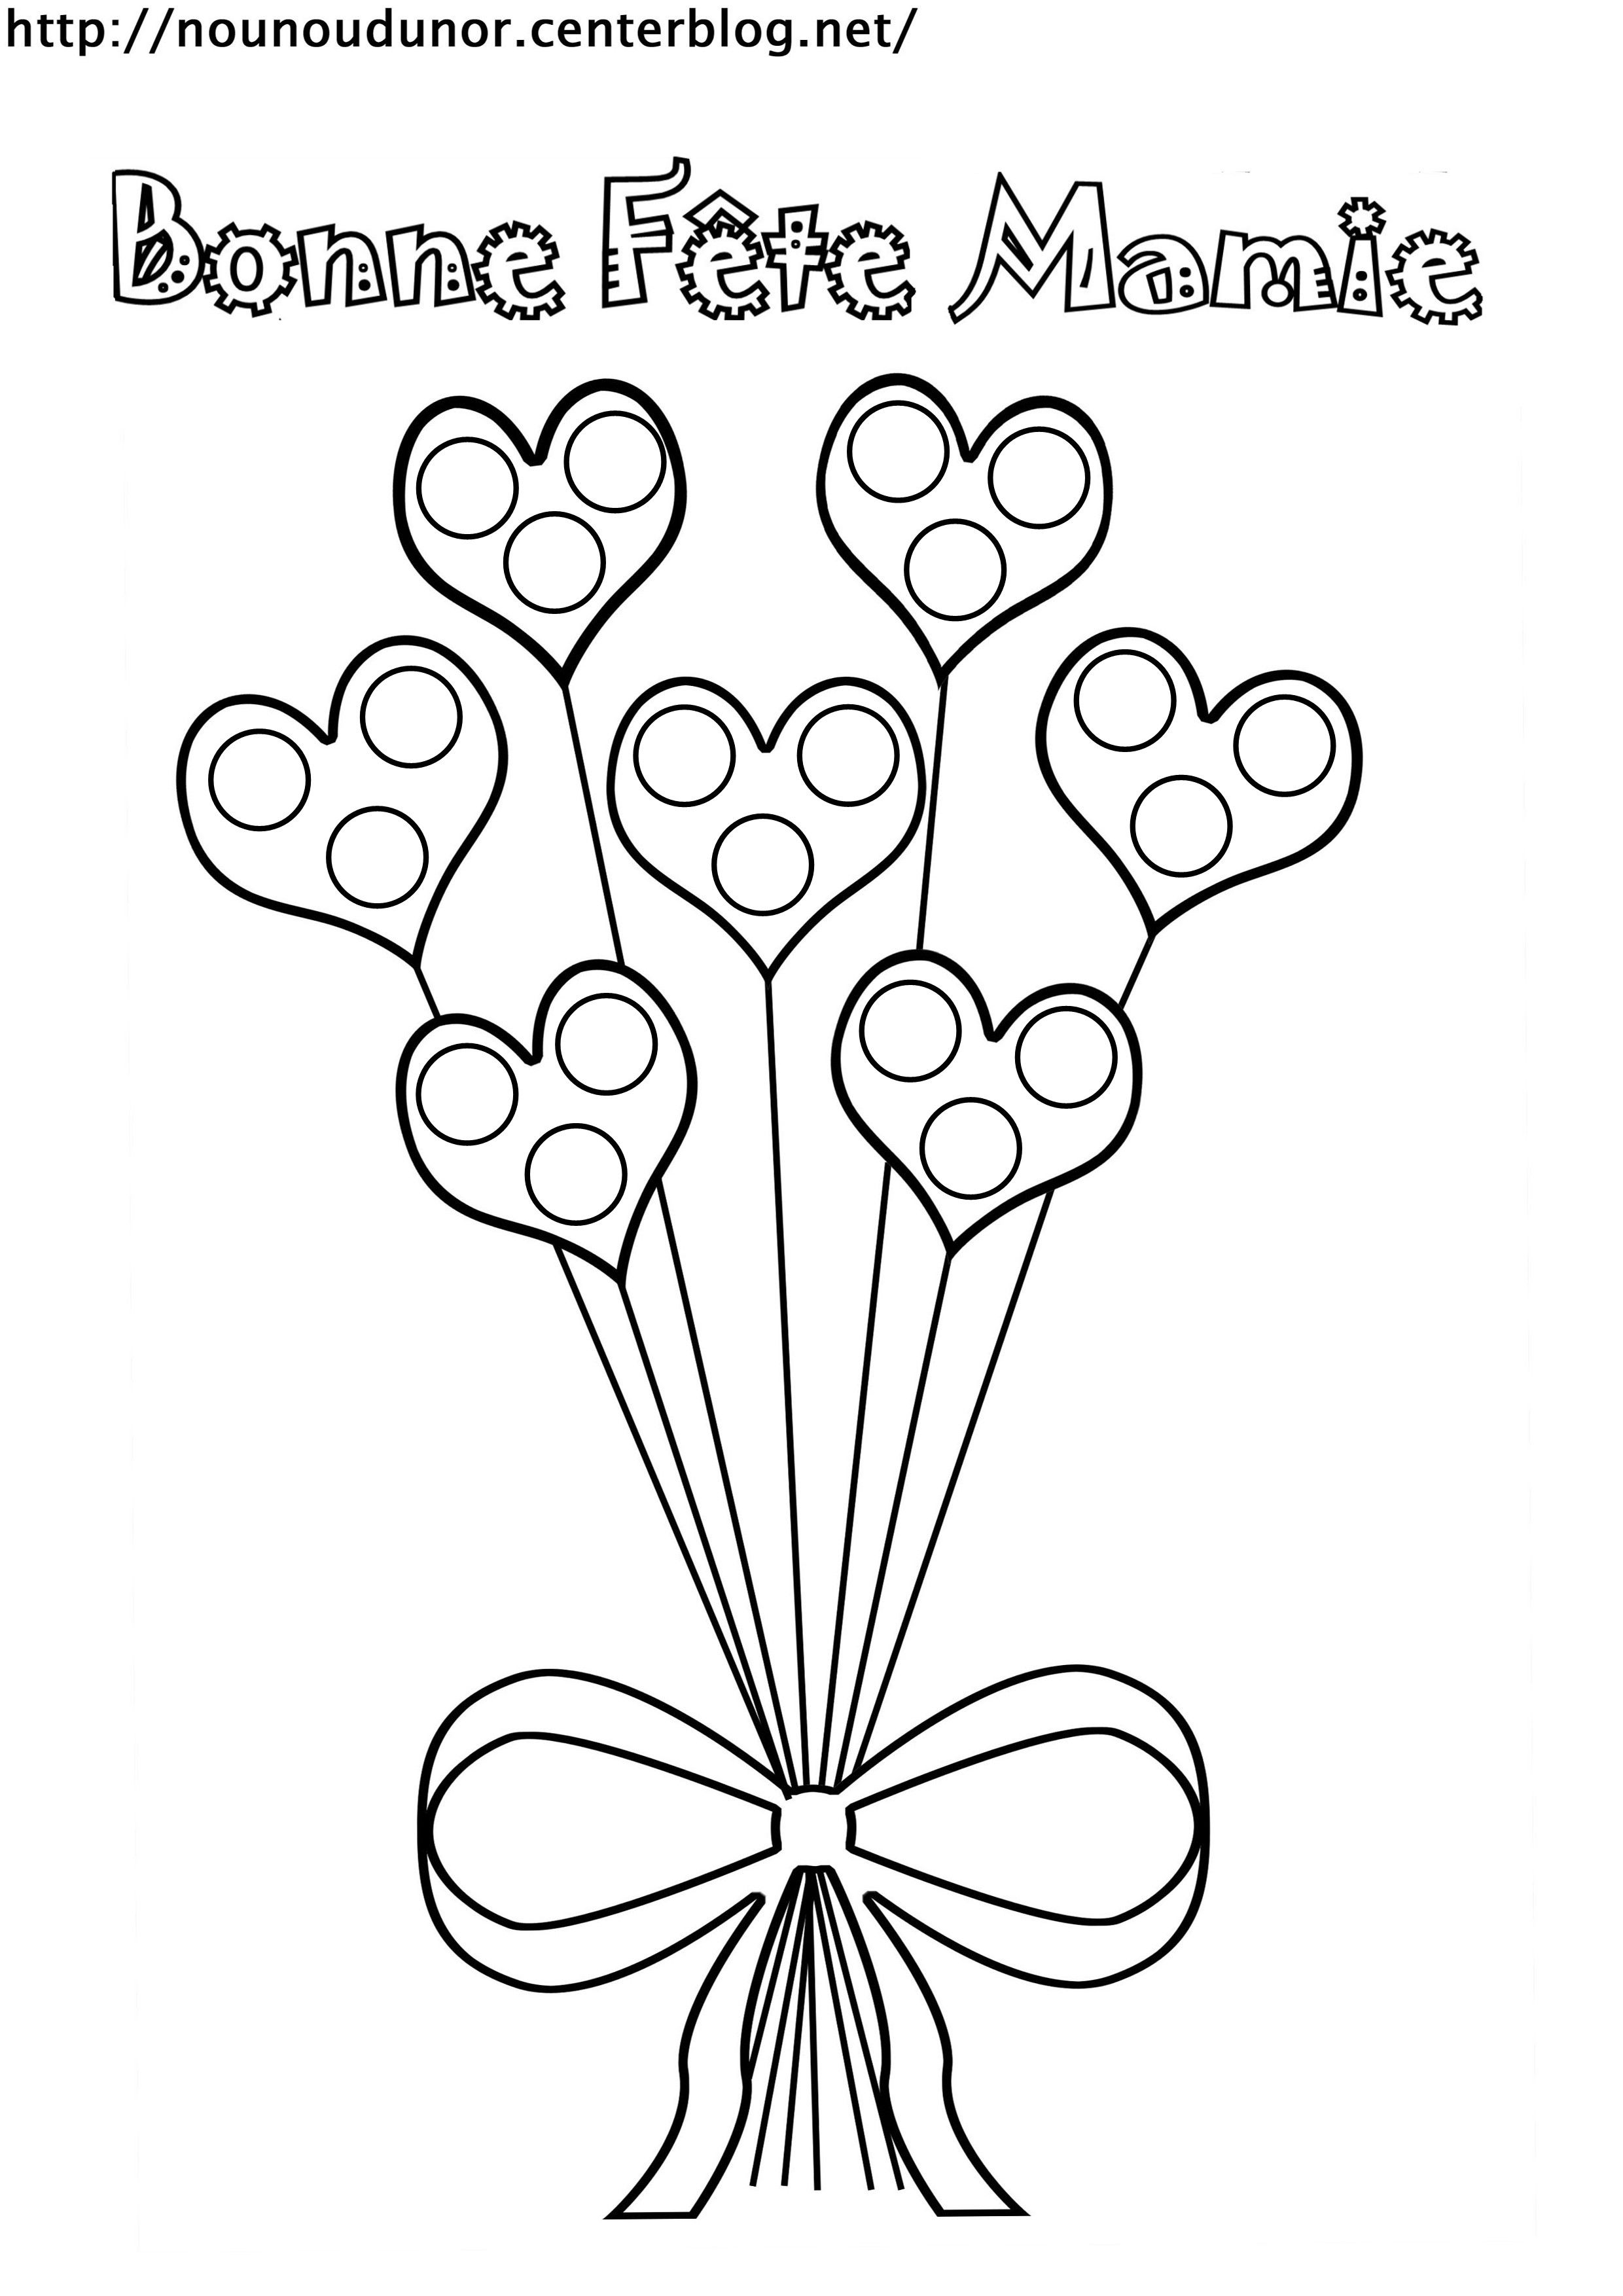 Liste De Mes Coloriages Pour La Fete Des Mamies Fete Des Mamies Coloriage Coeur Coloriage Noel A Imprimer